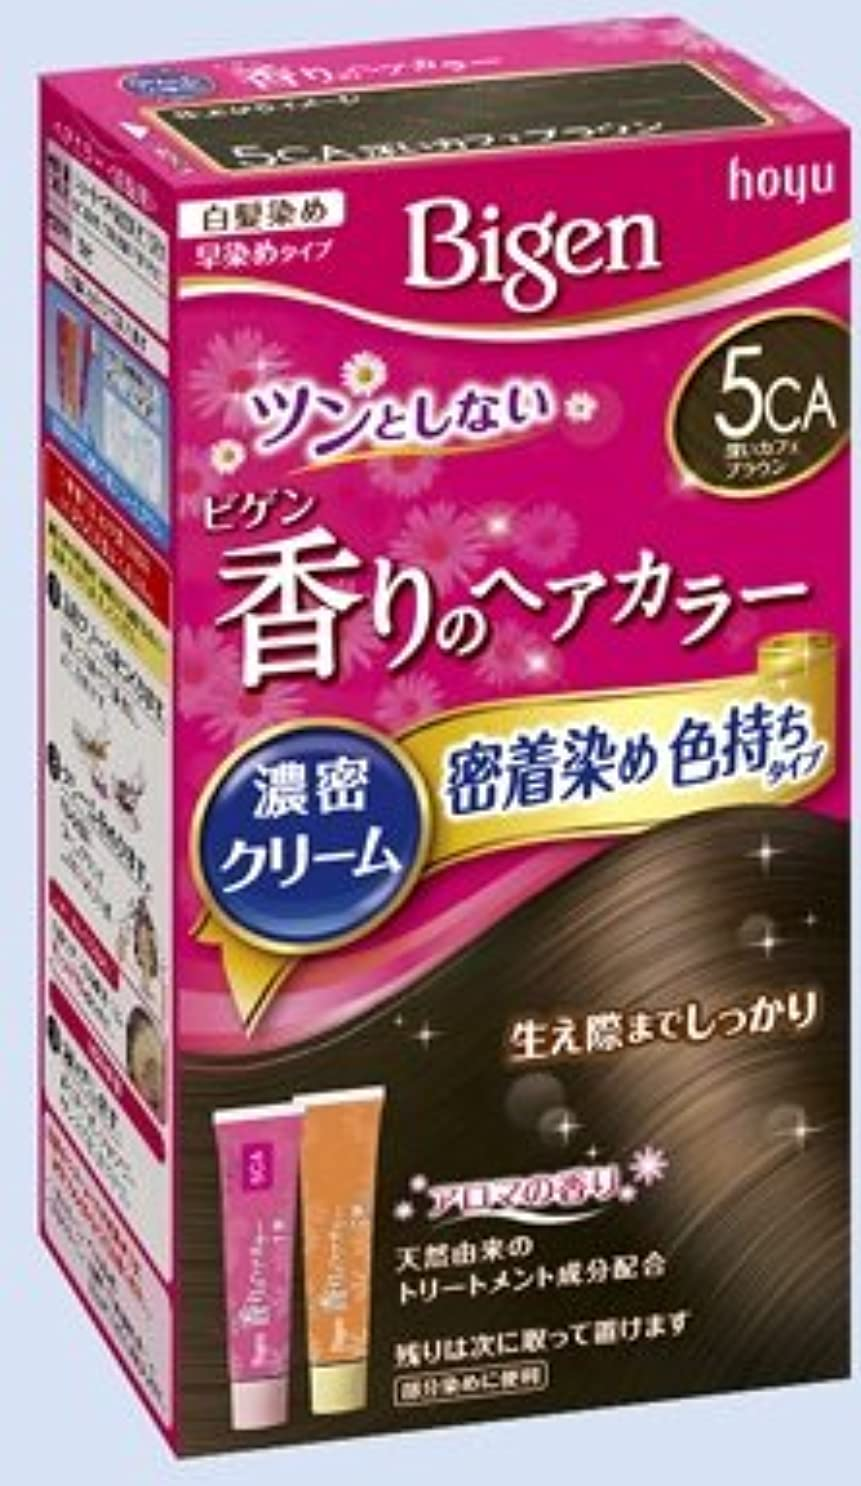 修羅場完璧なゴネリルビゲン 香りのヘアカラー クリーム 5CA 深いカフェブラウン × 10個セット